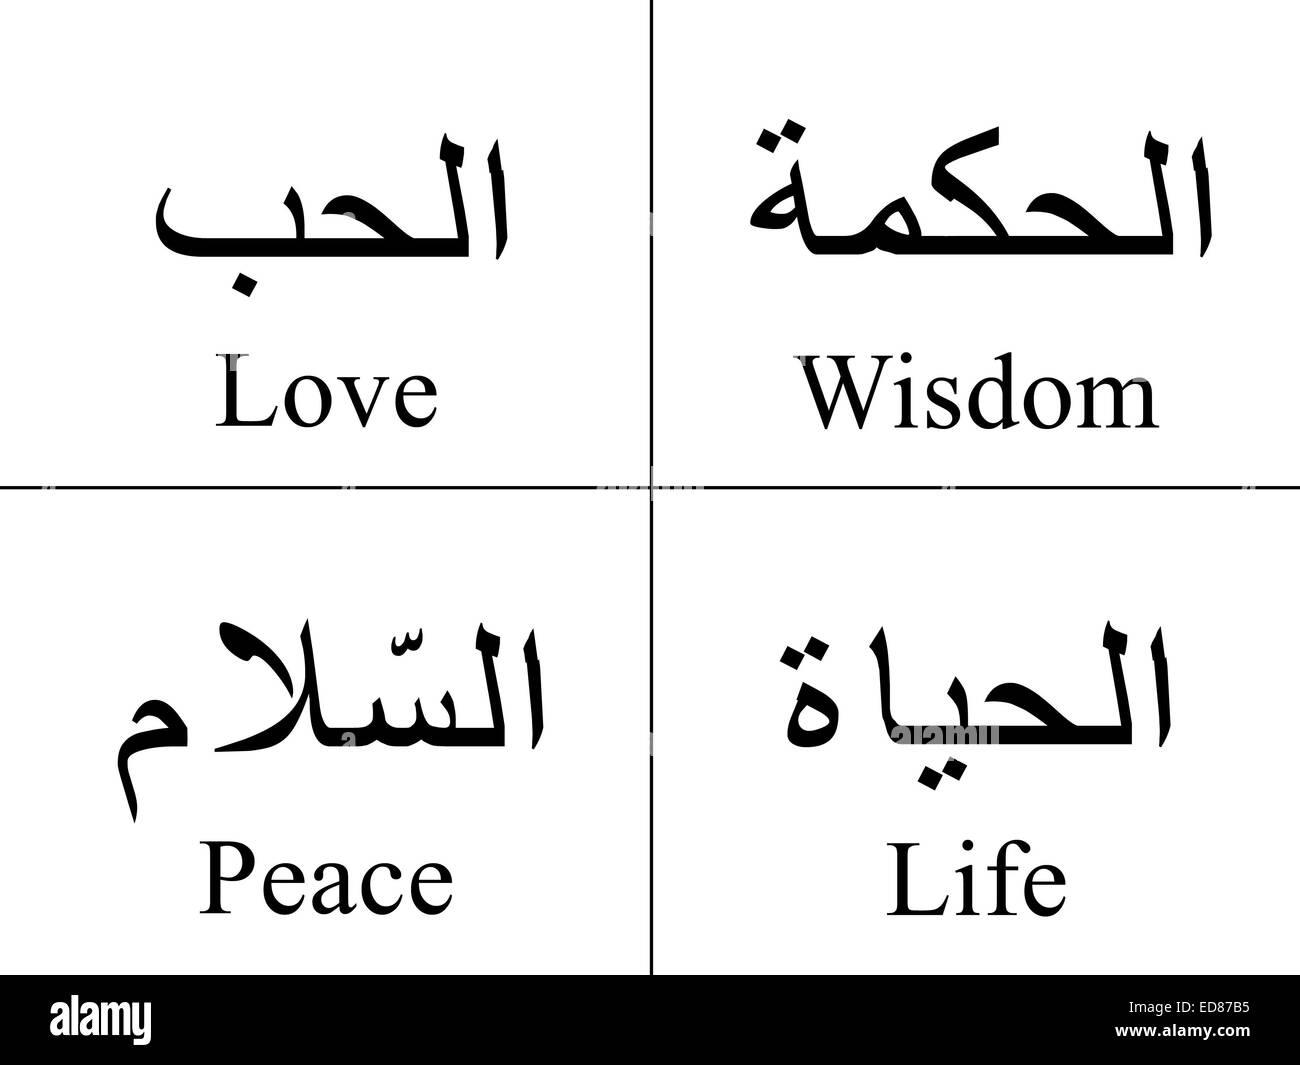 4 arabische Sprache Wörter in der Silhouette, Liebe, Frieden, Weisheit & Leben Stockbild